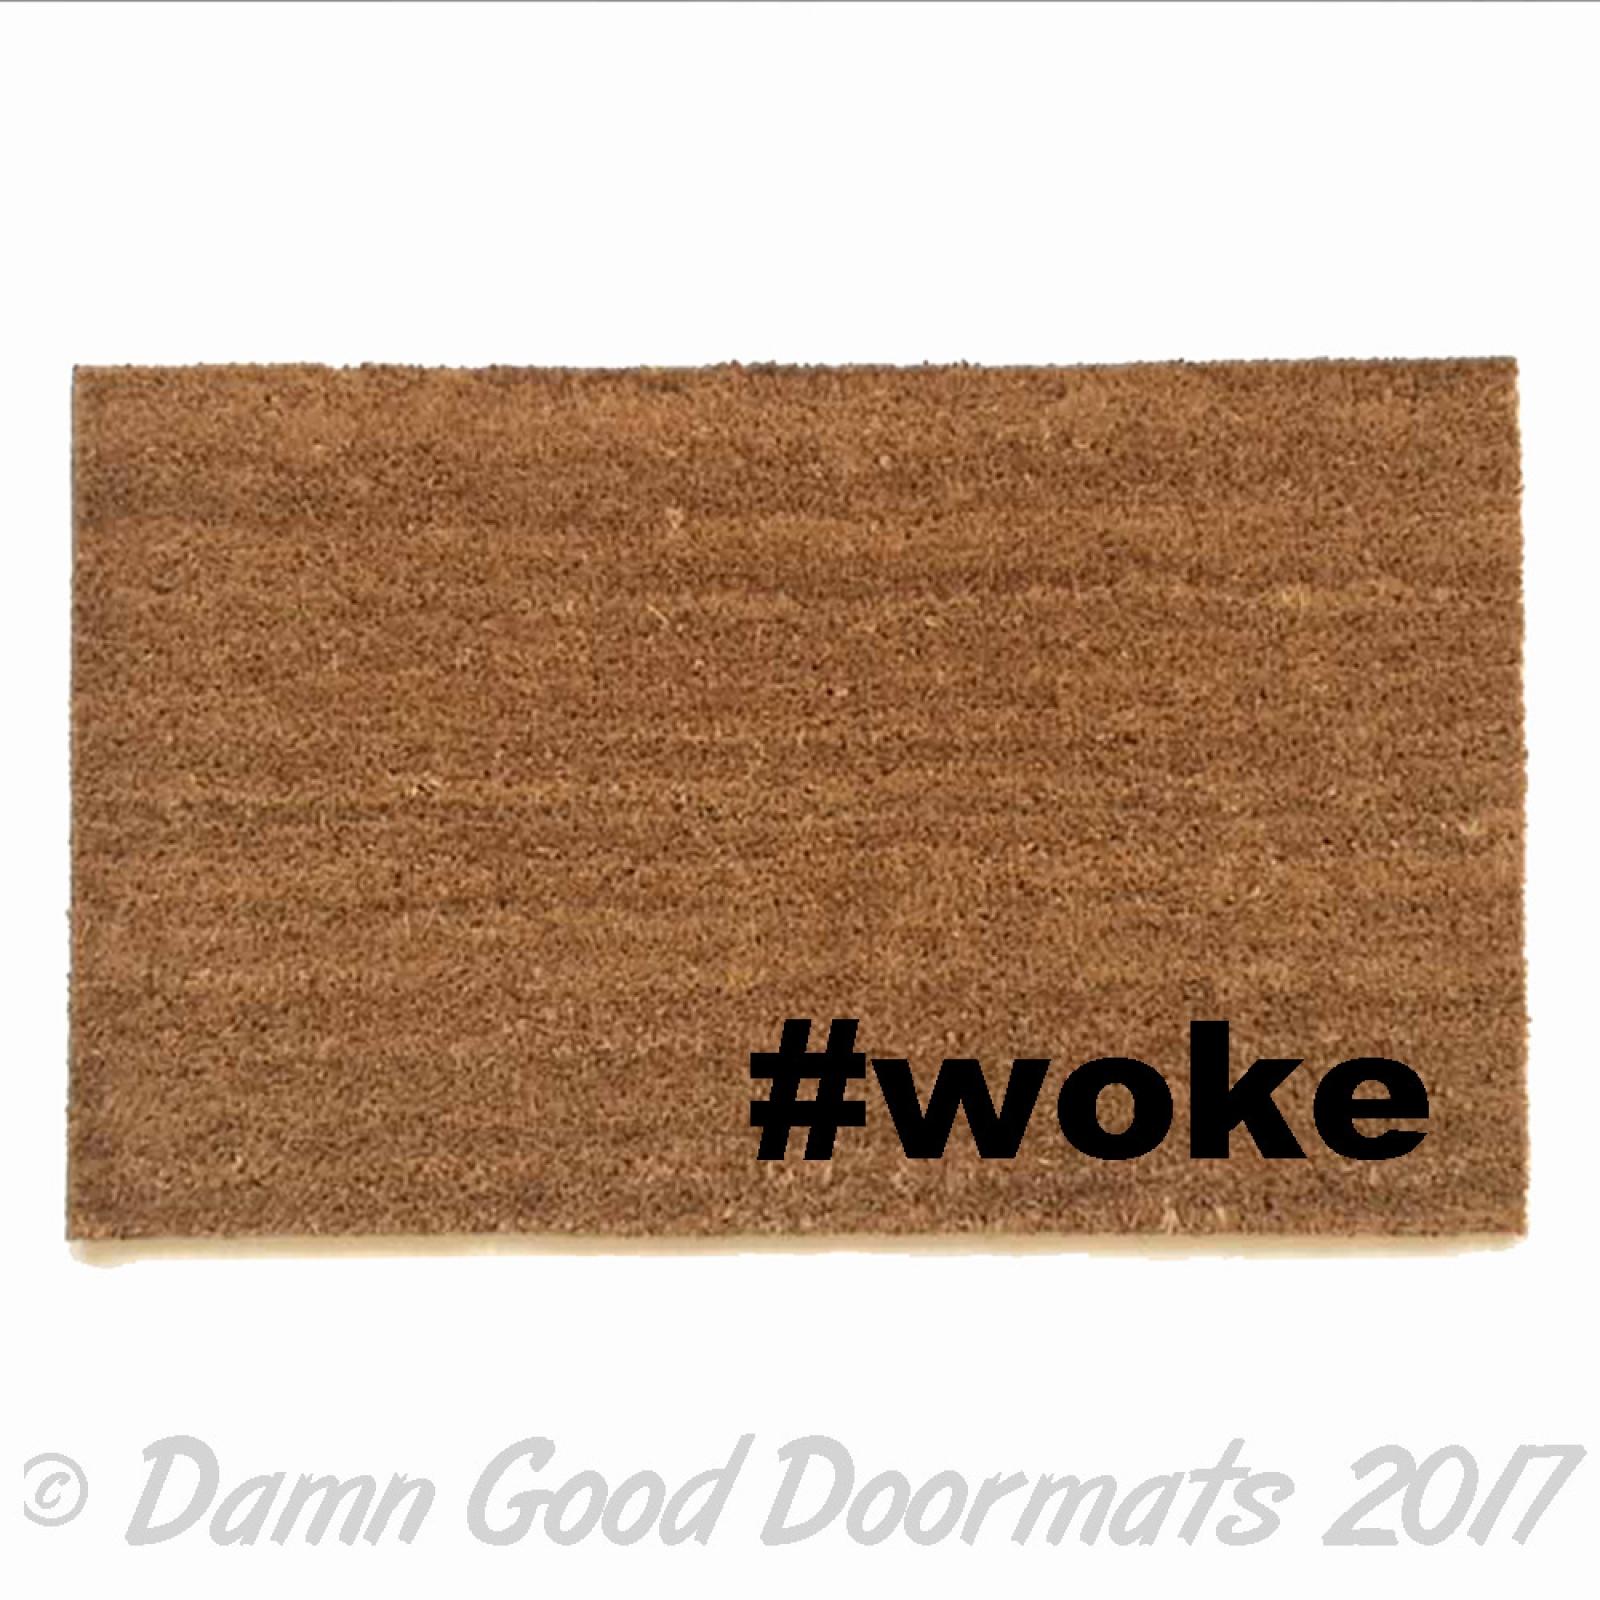 Vanlife funny rude doormat damn good doormats - Offensive doormats ...